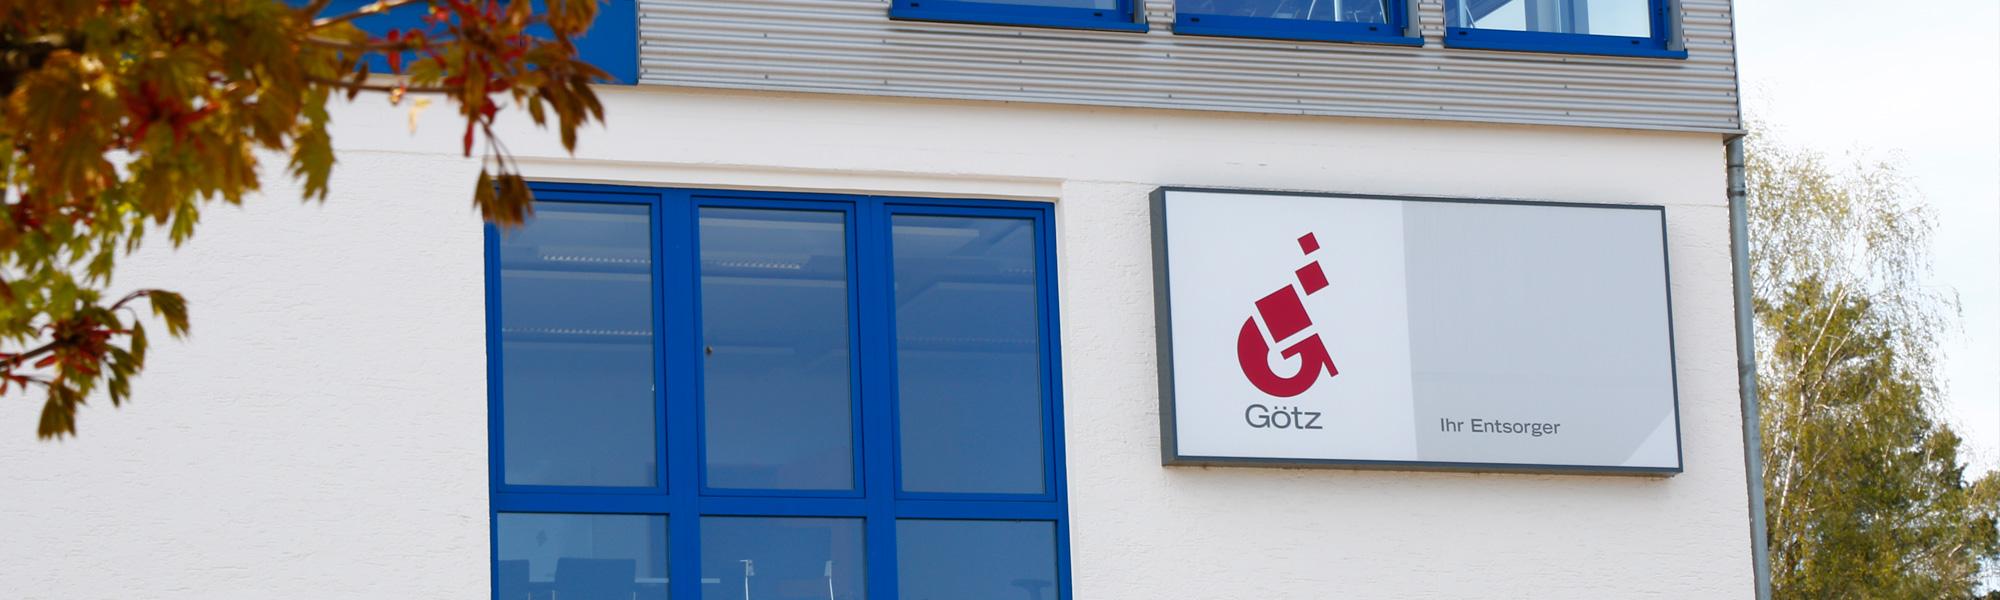 Götz GmbH Schrott und Metalle Firmensitz